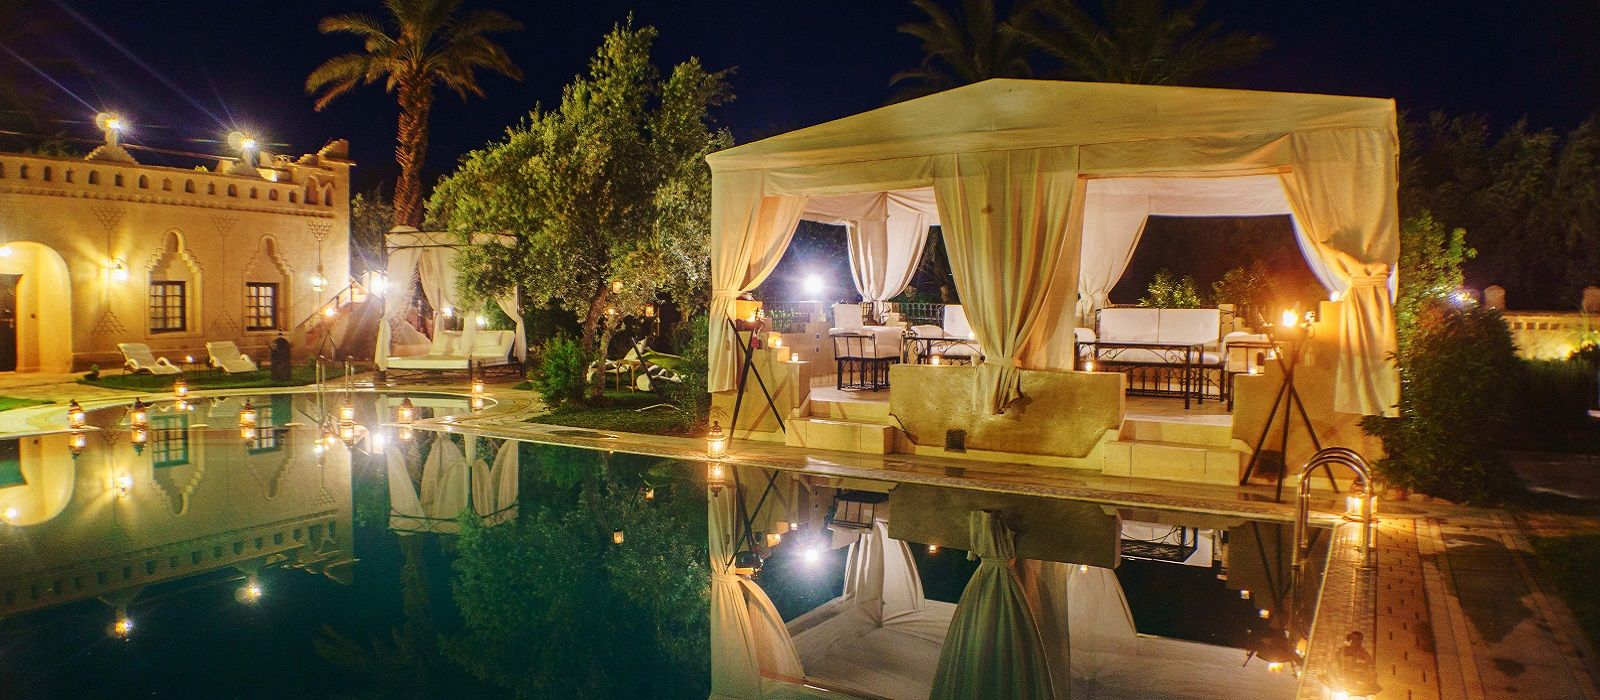 Hotel Ksar El Kabbaba Morocco